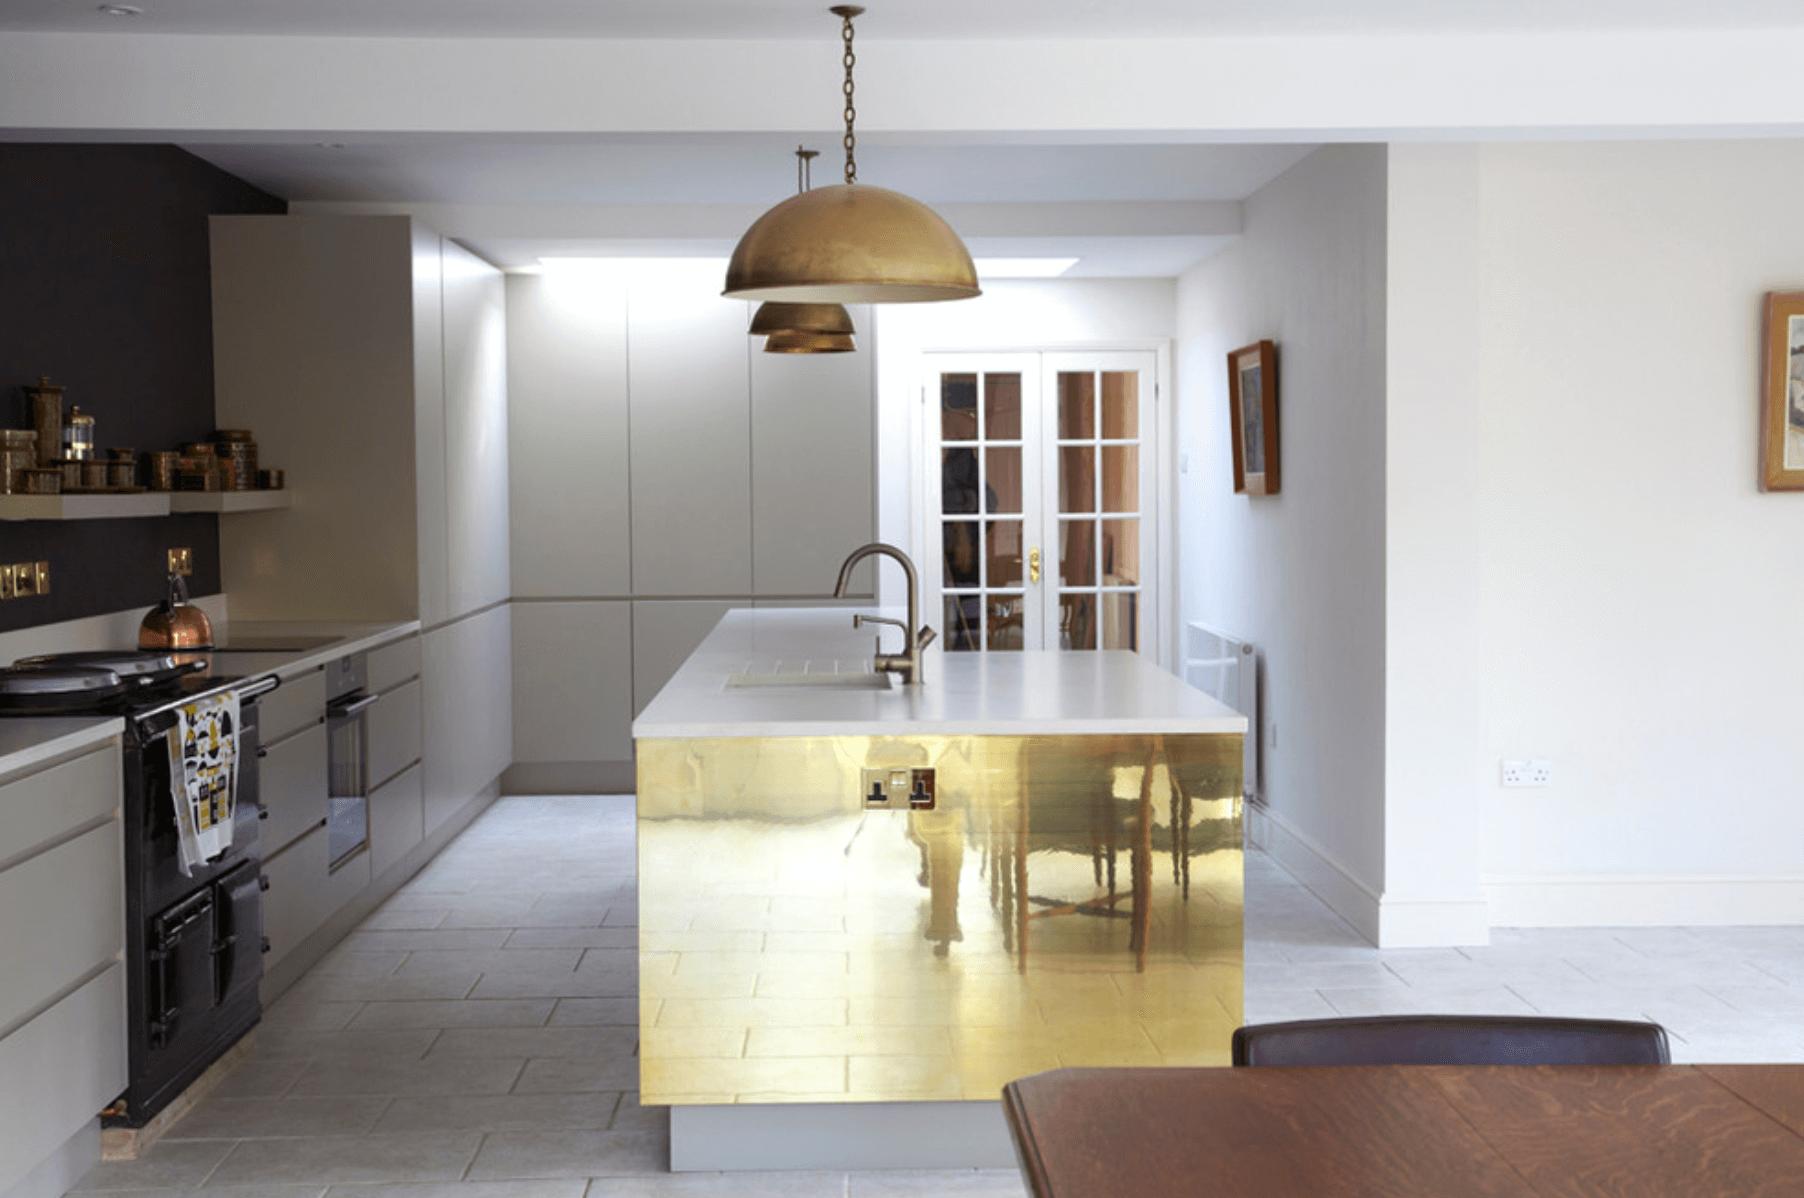 Дизайн кухни с металлическими элементами. Фото 2